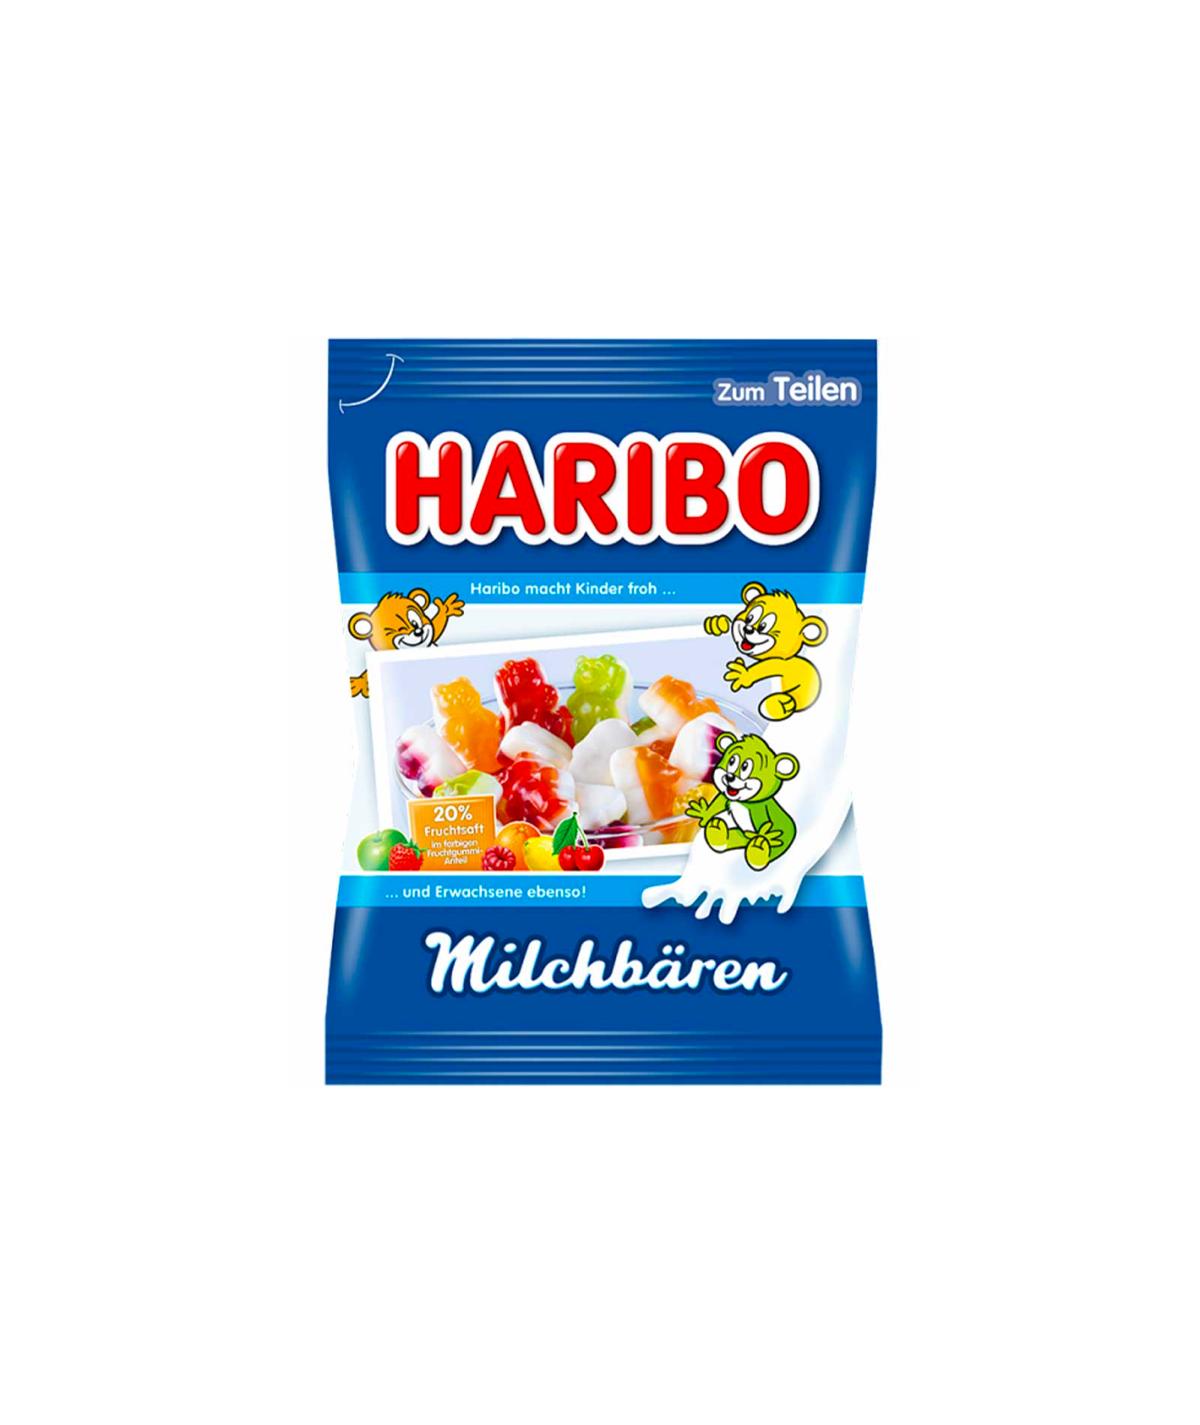 Haribo Milchbären 200g